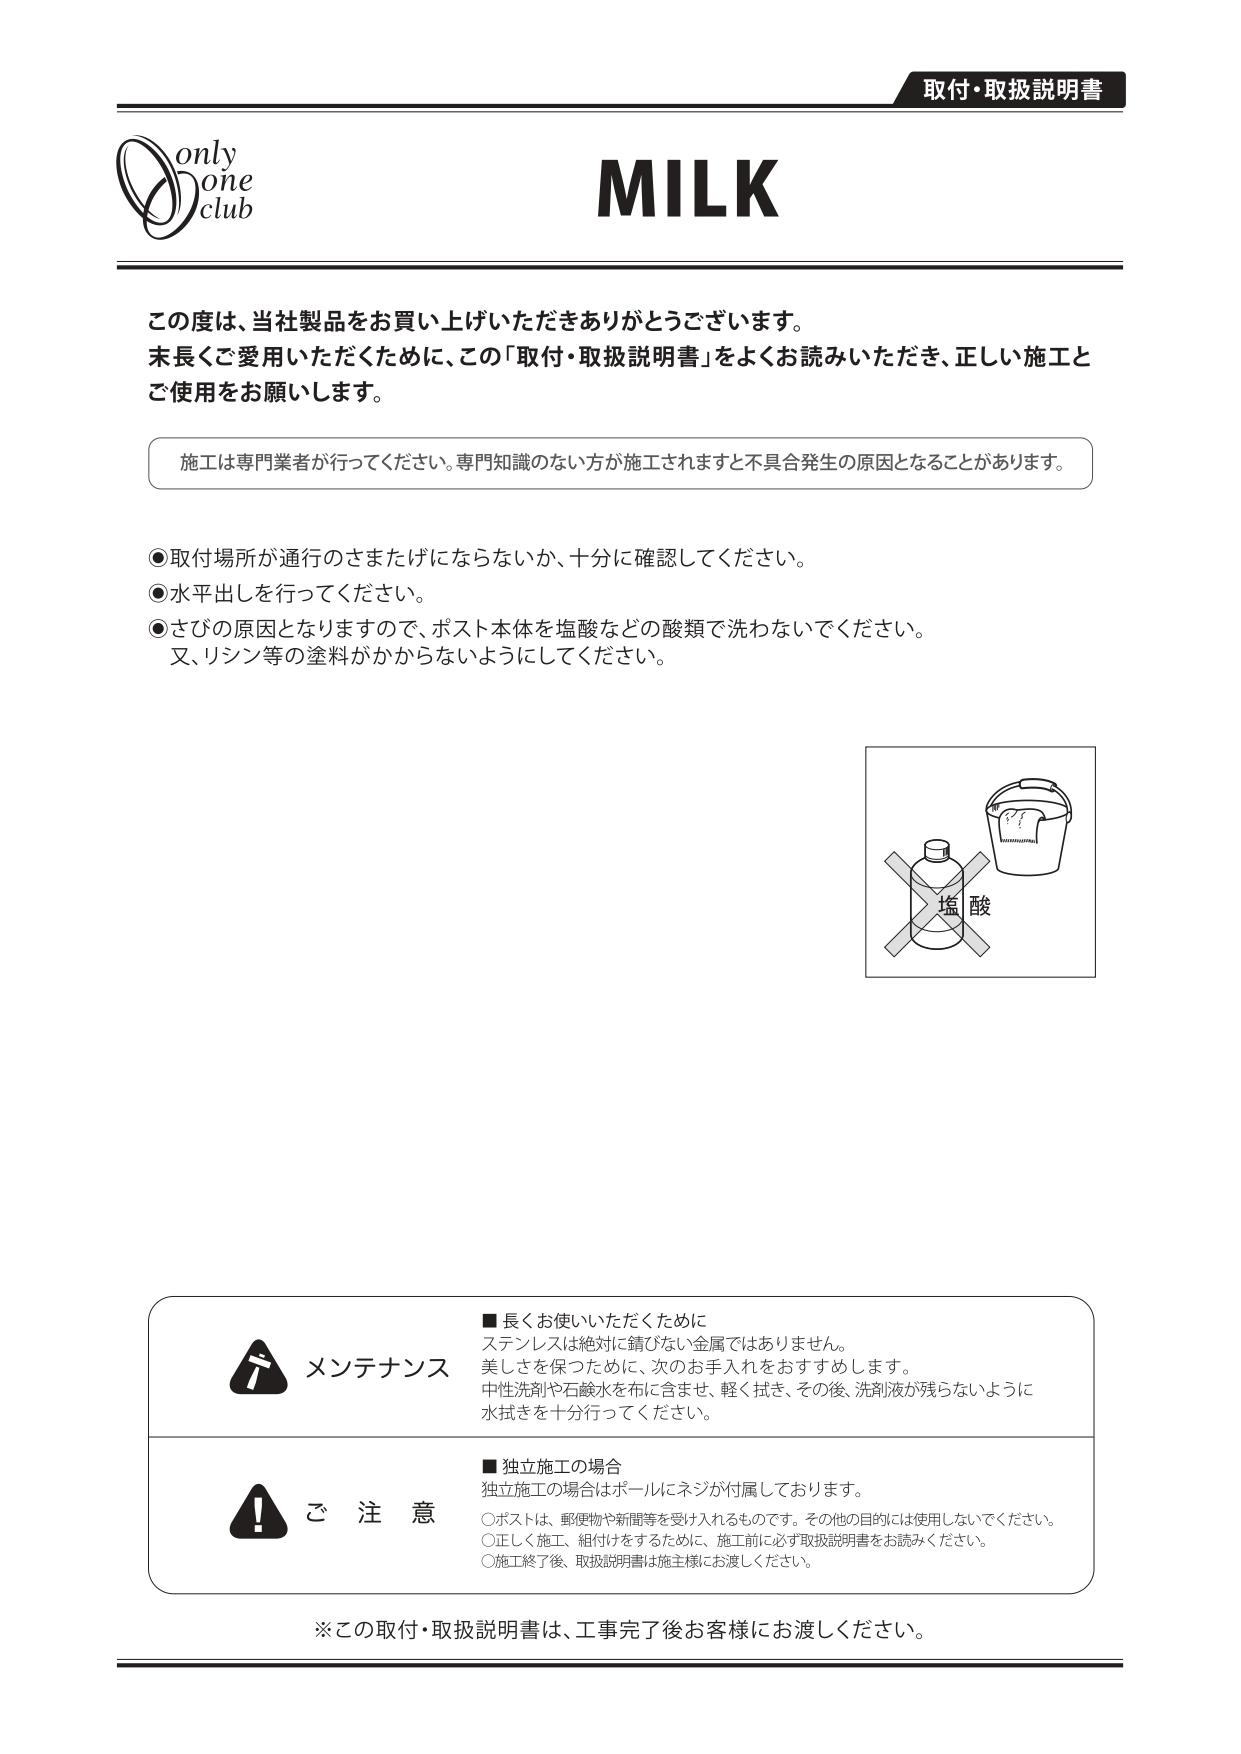 ミルク 施工説明書_page-0001